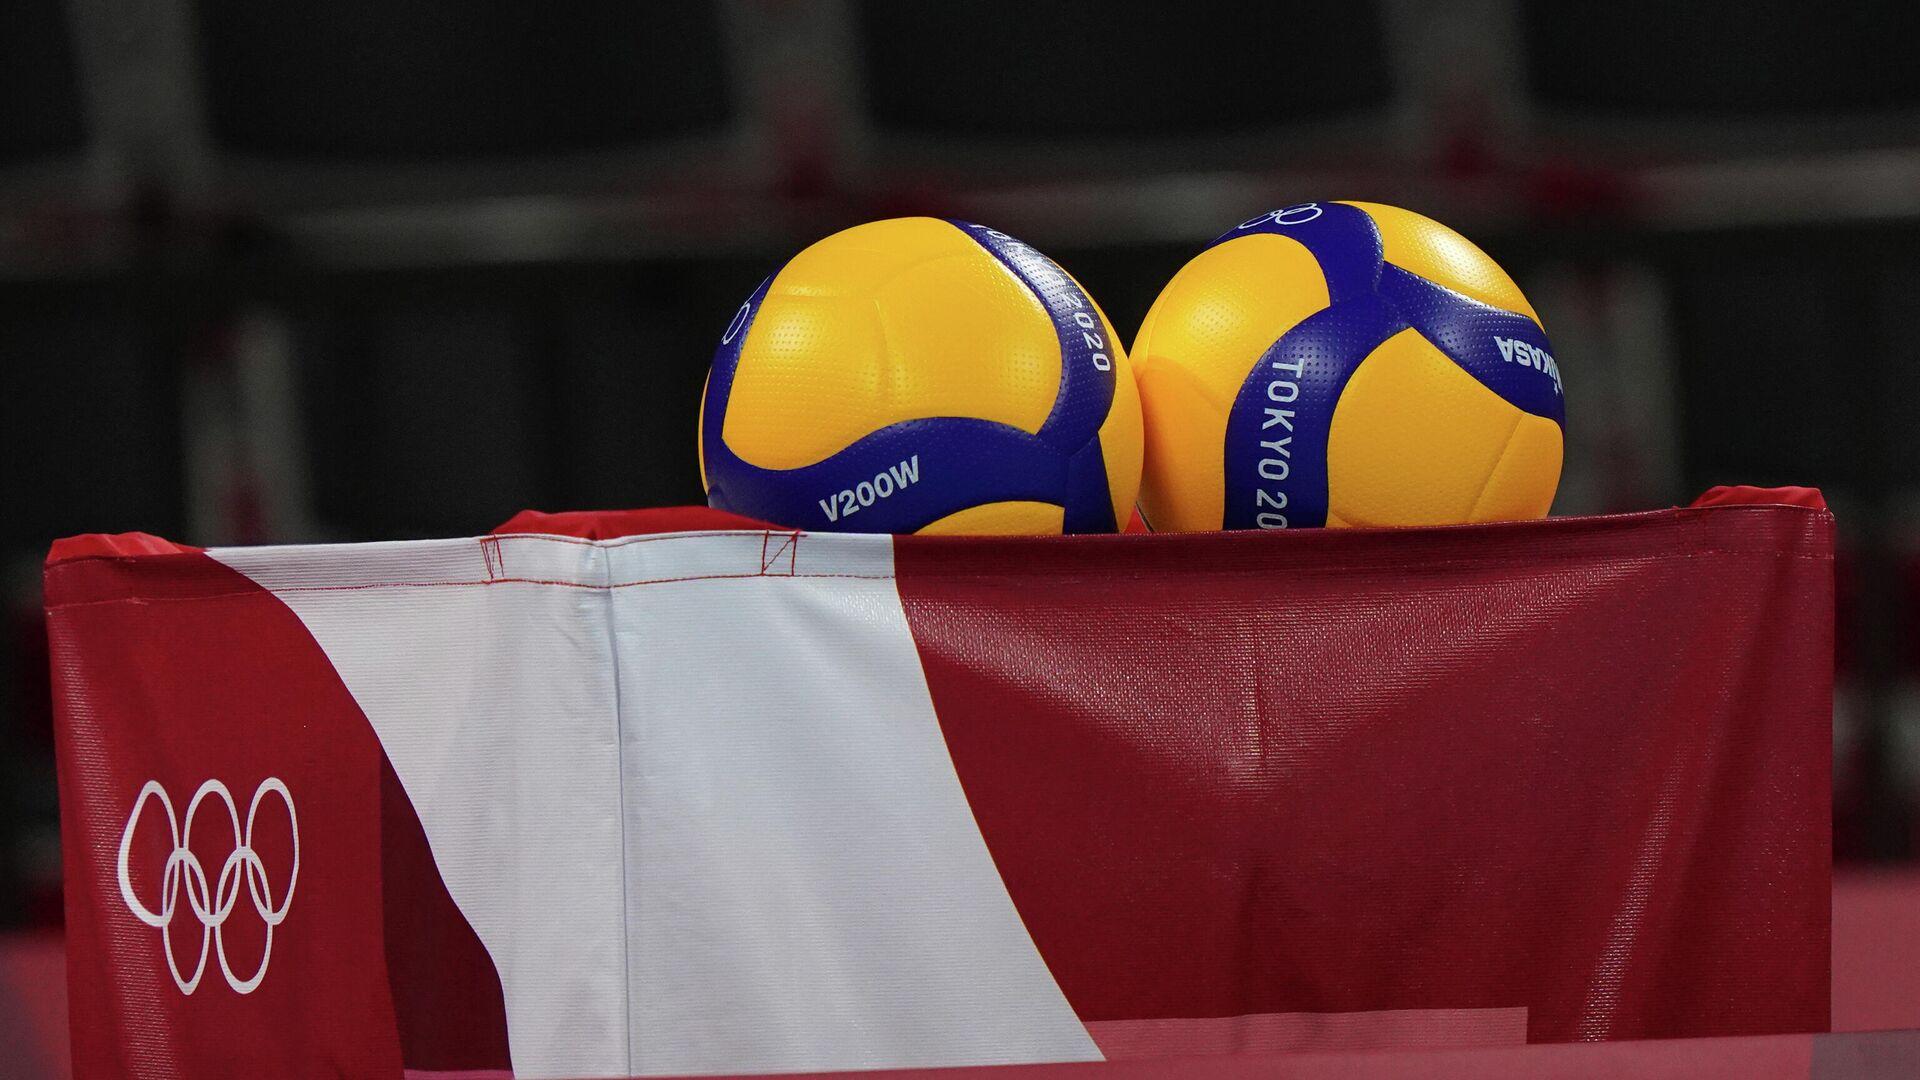 Волейбольные мячи с символикой XXXII Олимпийских игр в Токио. - РИА Новости, 1920, 28.07.2021